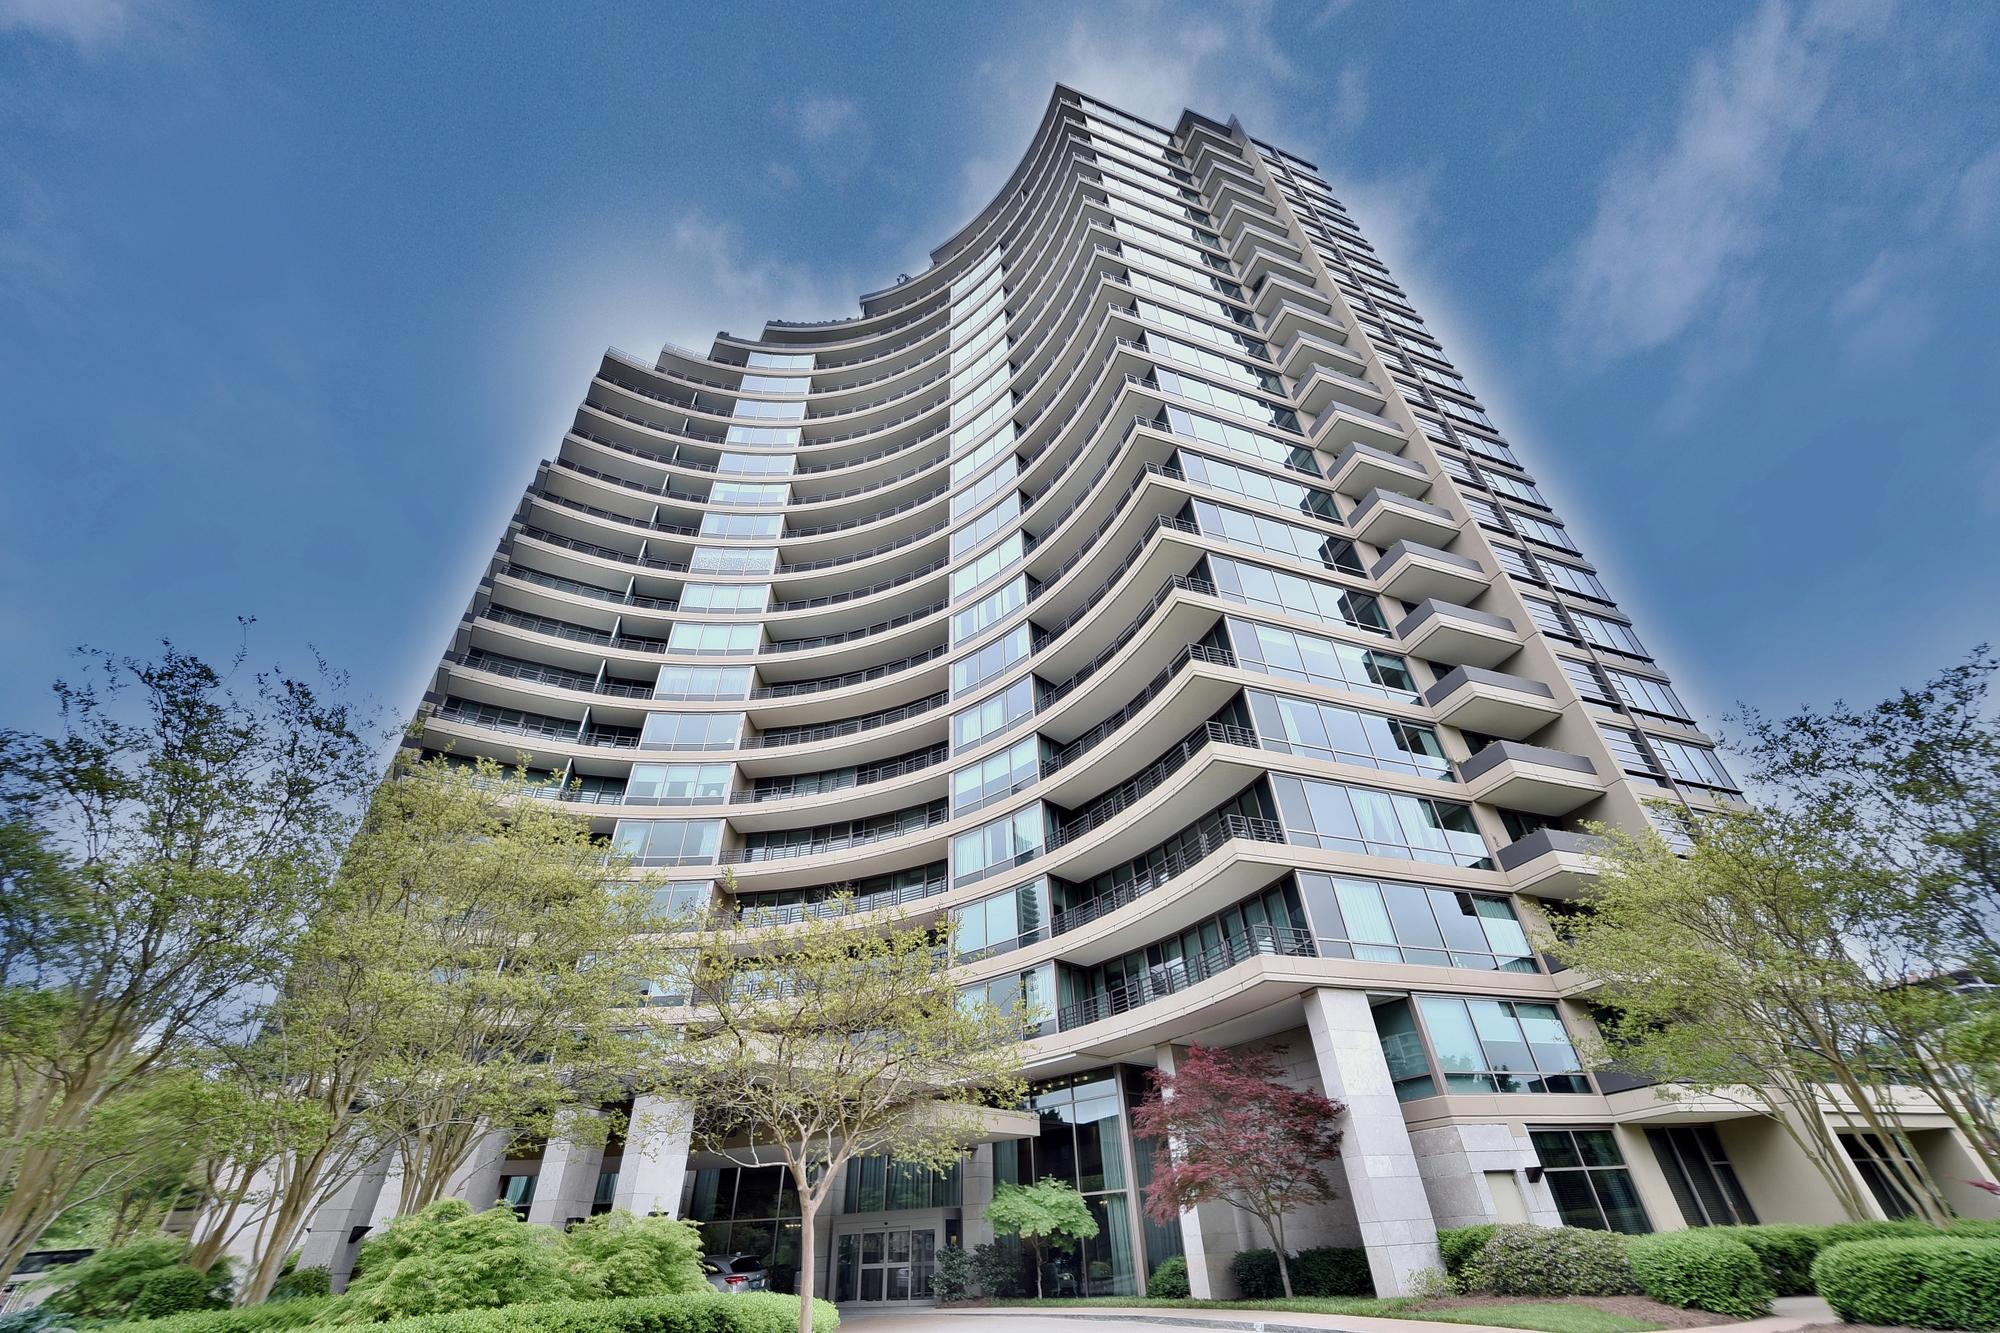 Eigentumswohnung für Verkauf beim Luxury Living in Buckhead 700 Park Regency Place No. 1108 Atlanta, Georgia, 30326 Vereinigte Staaten